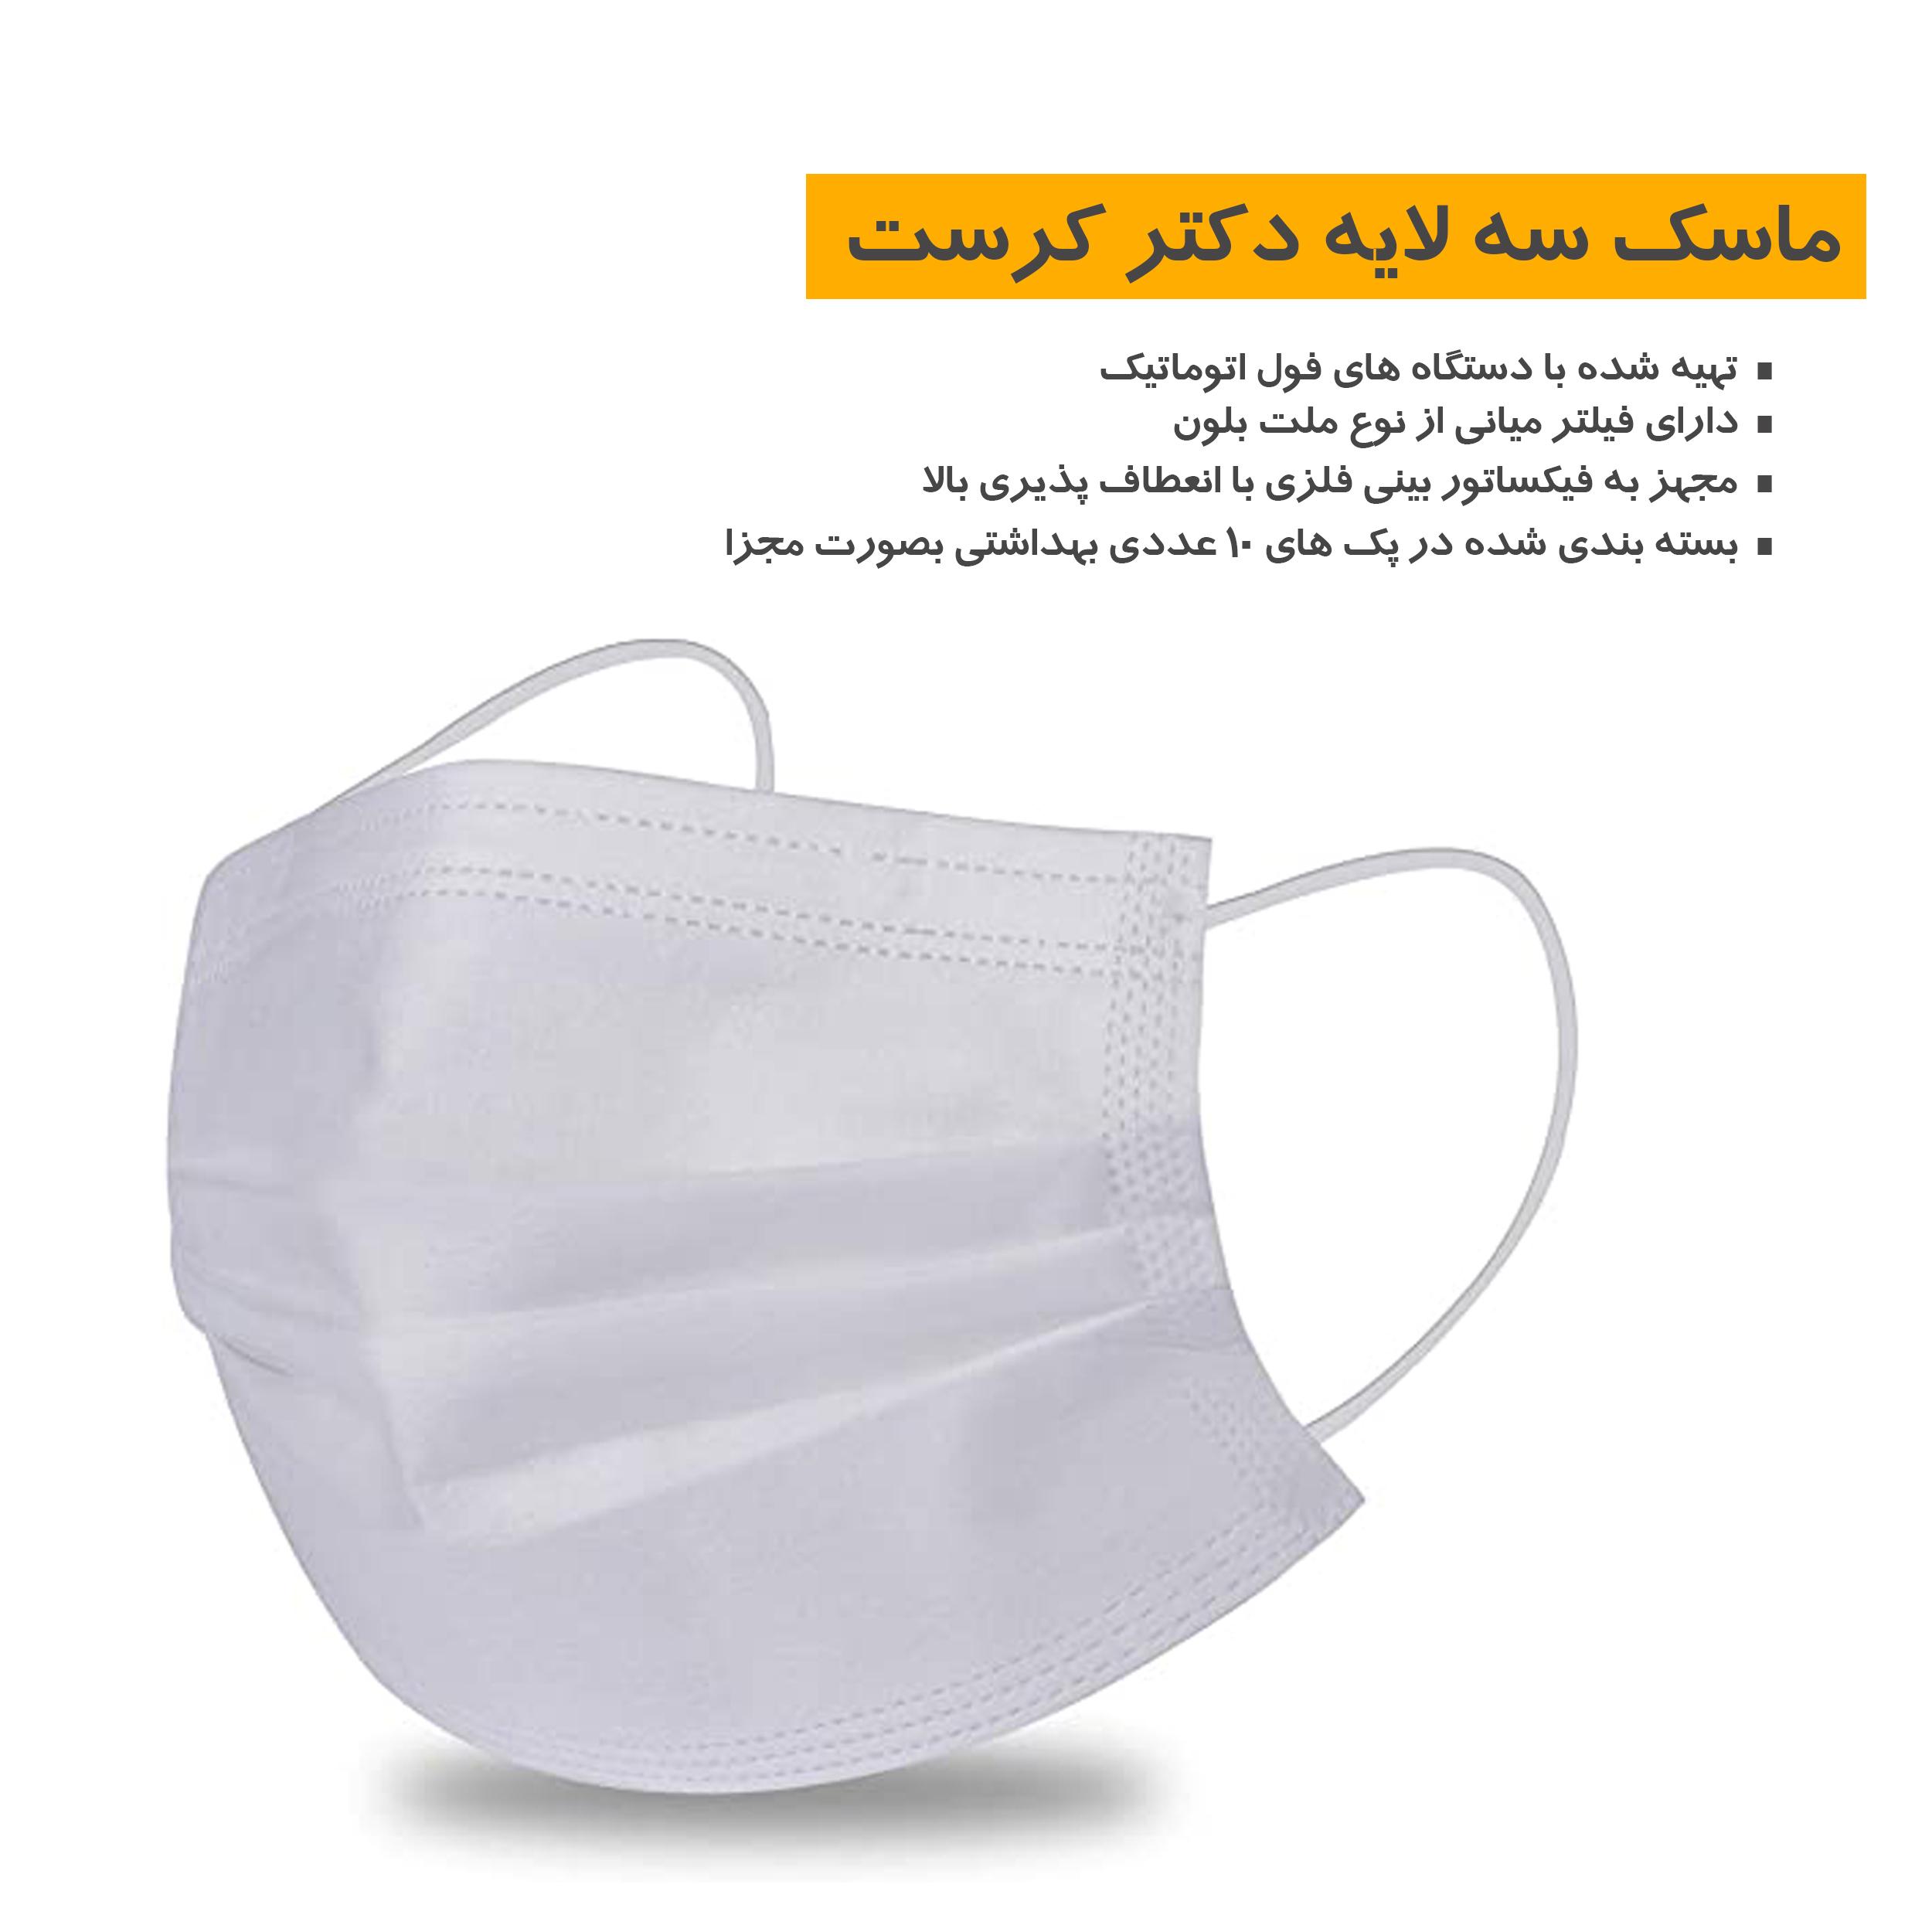 ماسک تنفسی دکتر کرست مدل Dr-c50 بسته 50 عددی